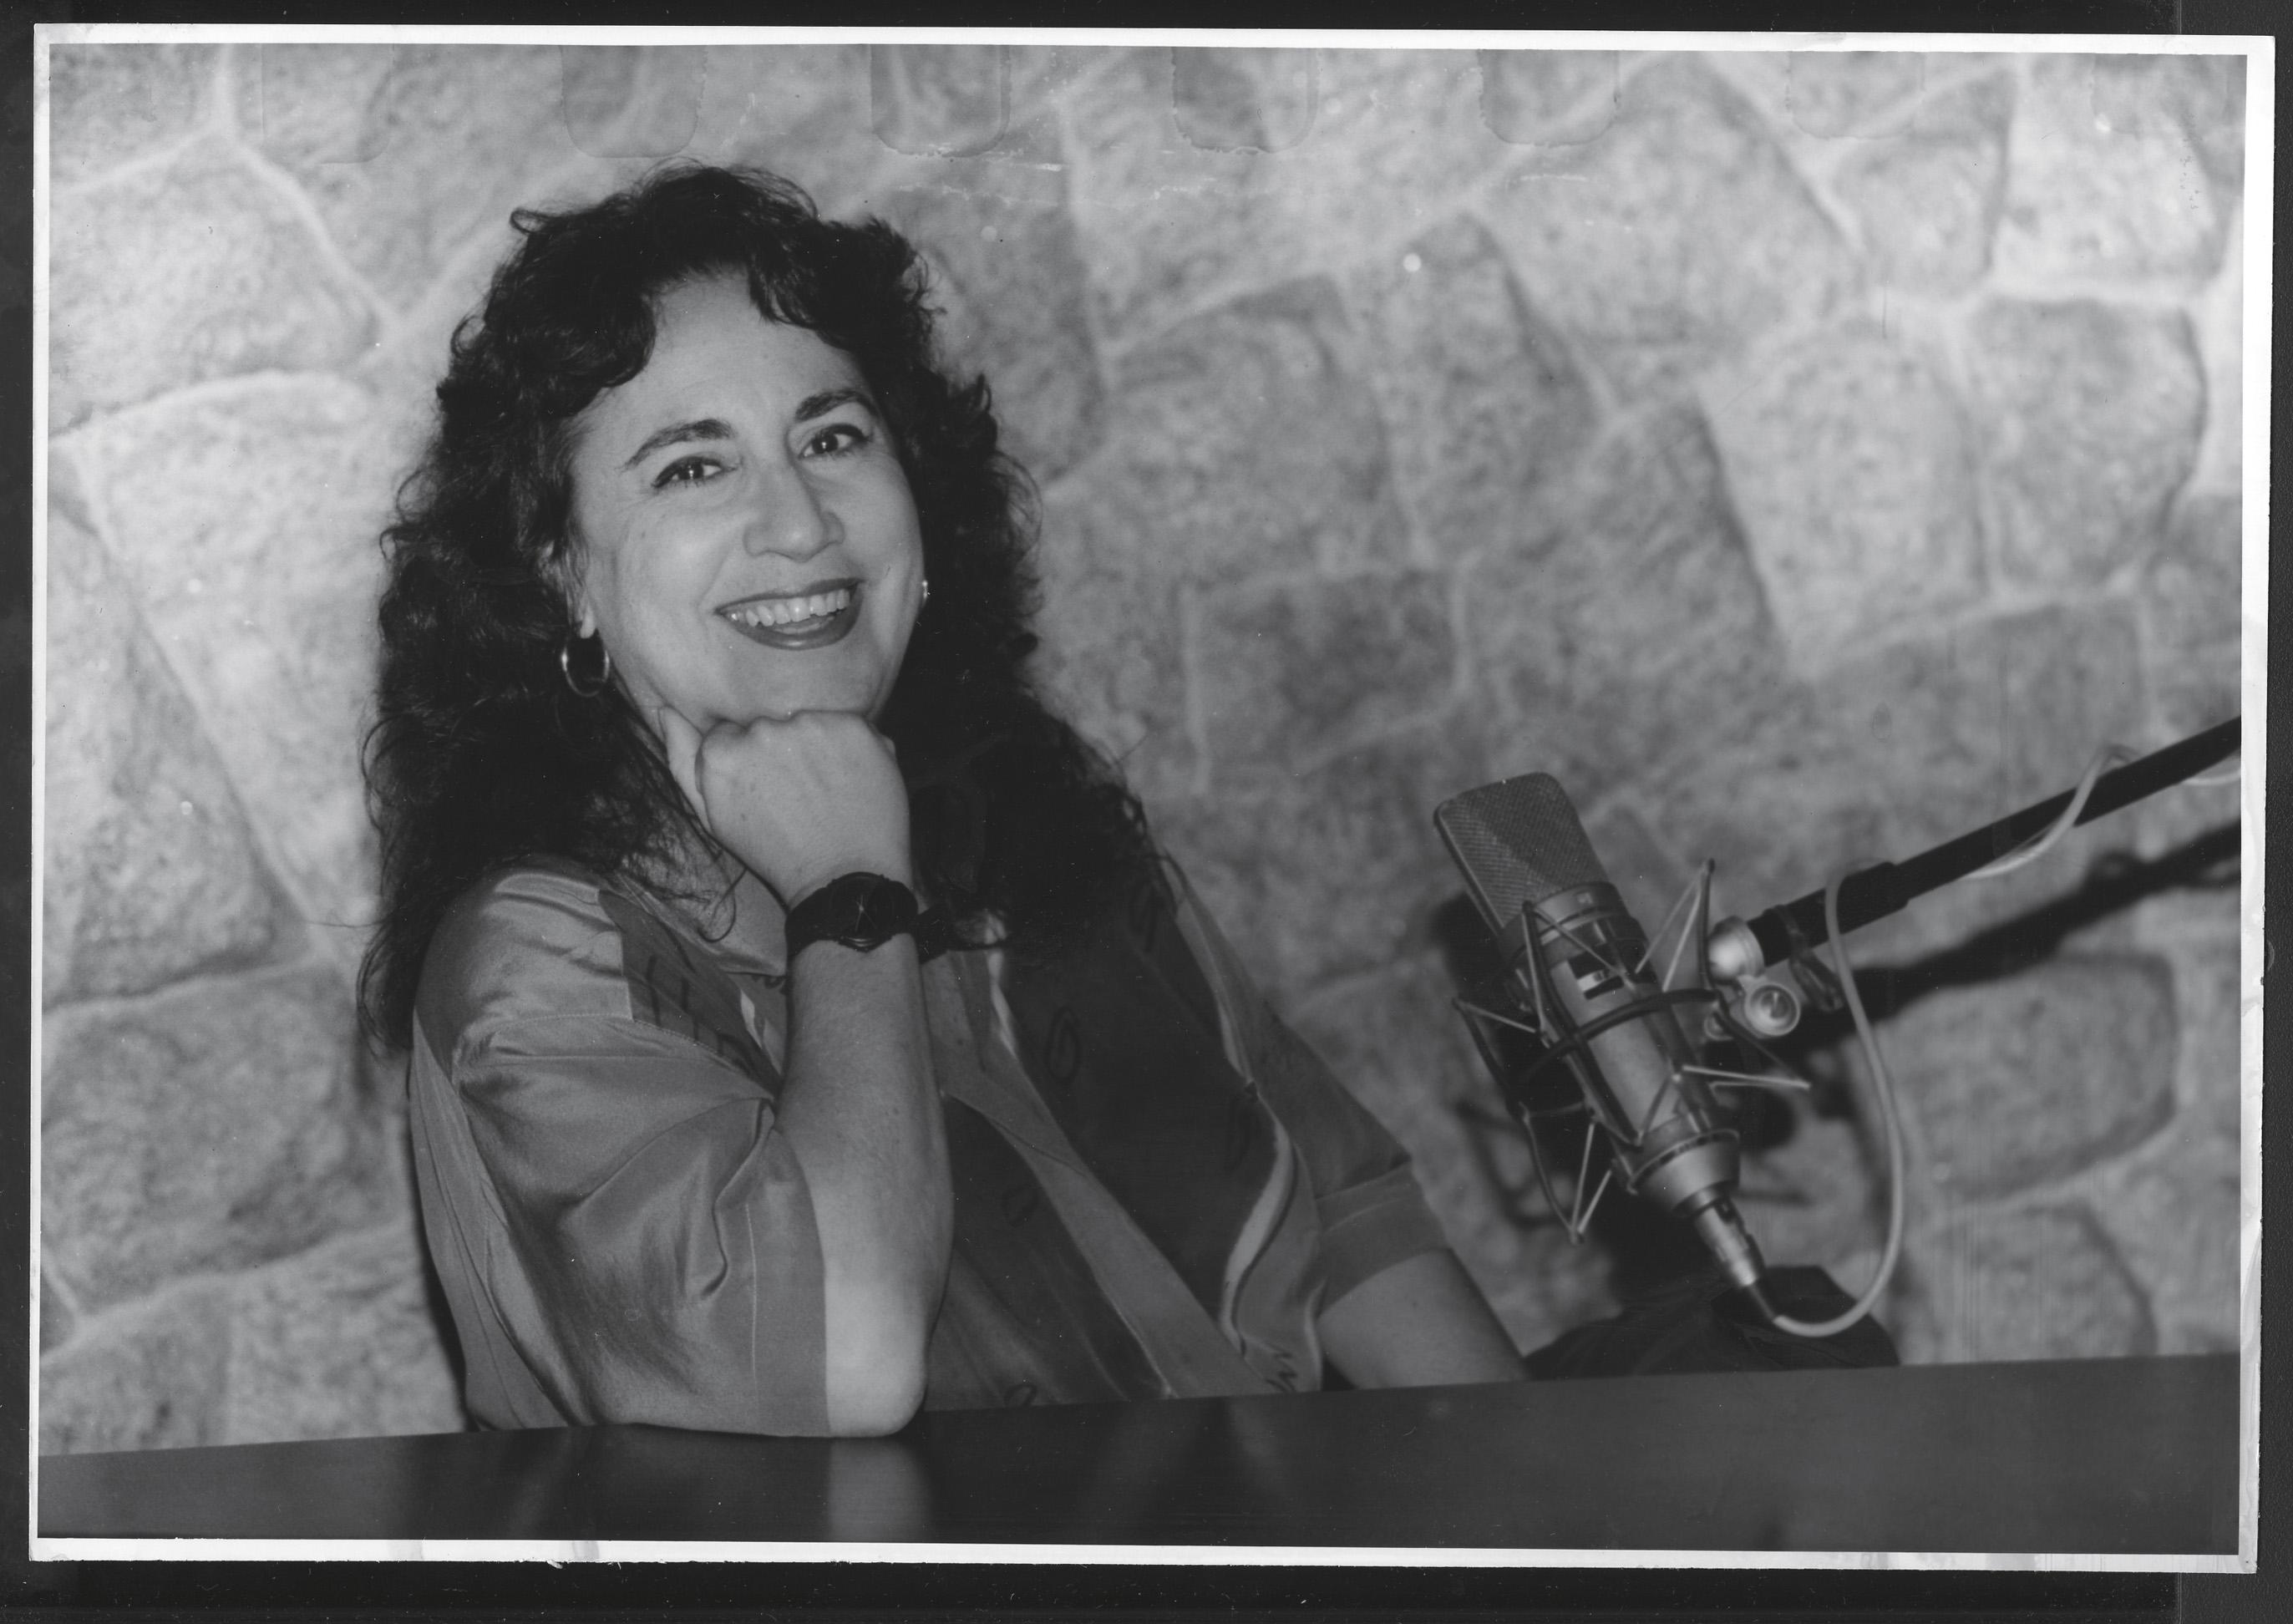 Em 1995, se preparando para entrar no ar na Rádio Cidade, onde apresentava um programa diário sobre sexo